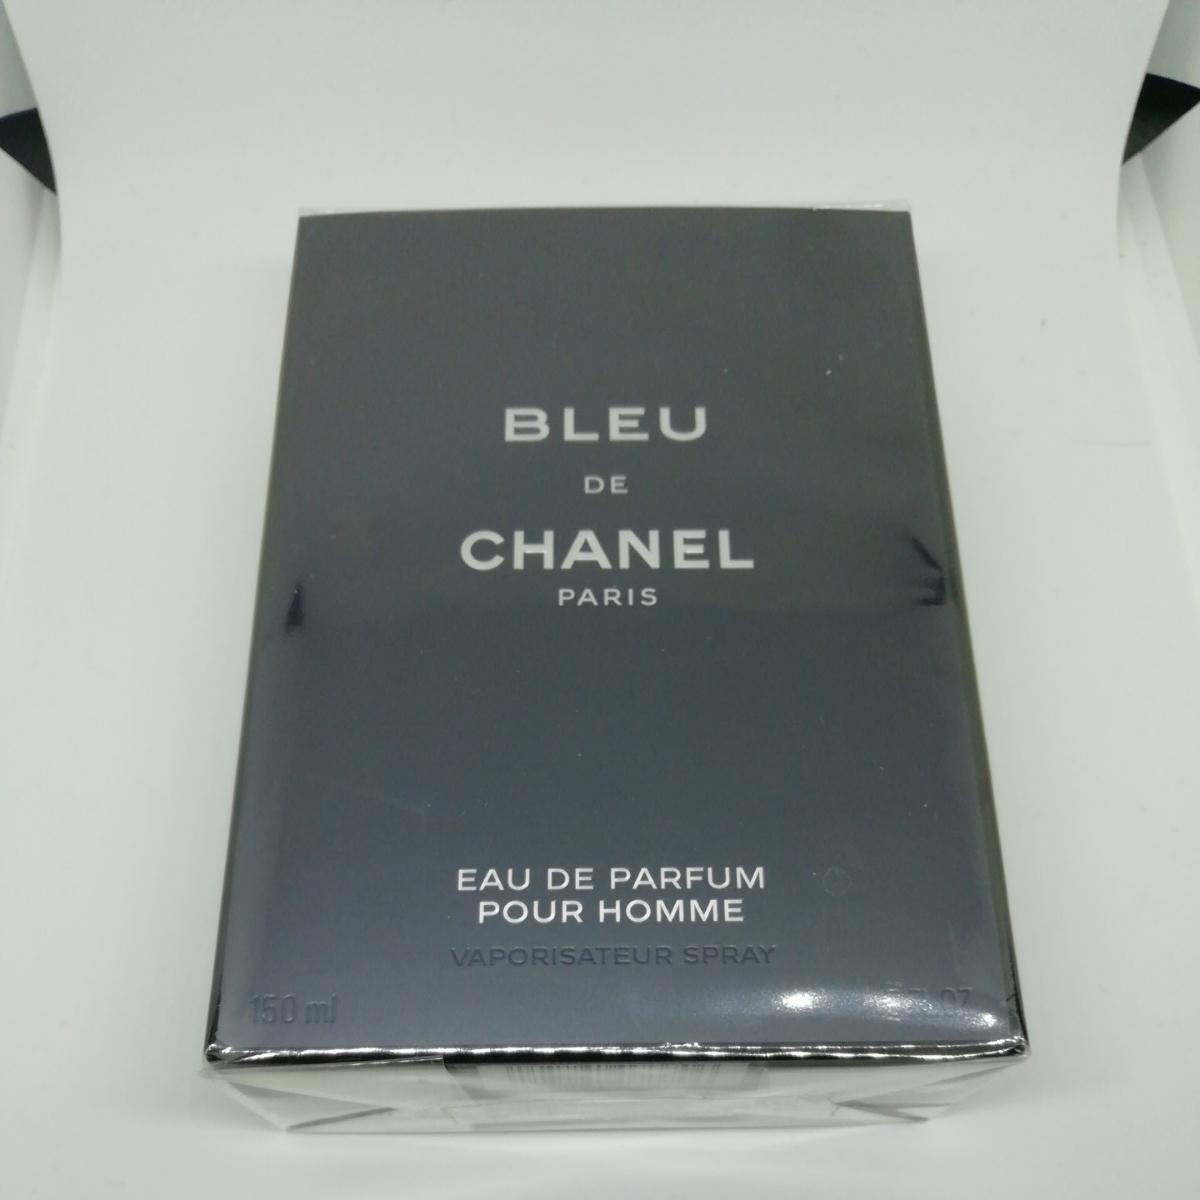 [新品未使用]シャネル CHANEL ブルー ドゥ シャネル オードパルファム EDP SP 150ml